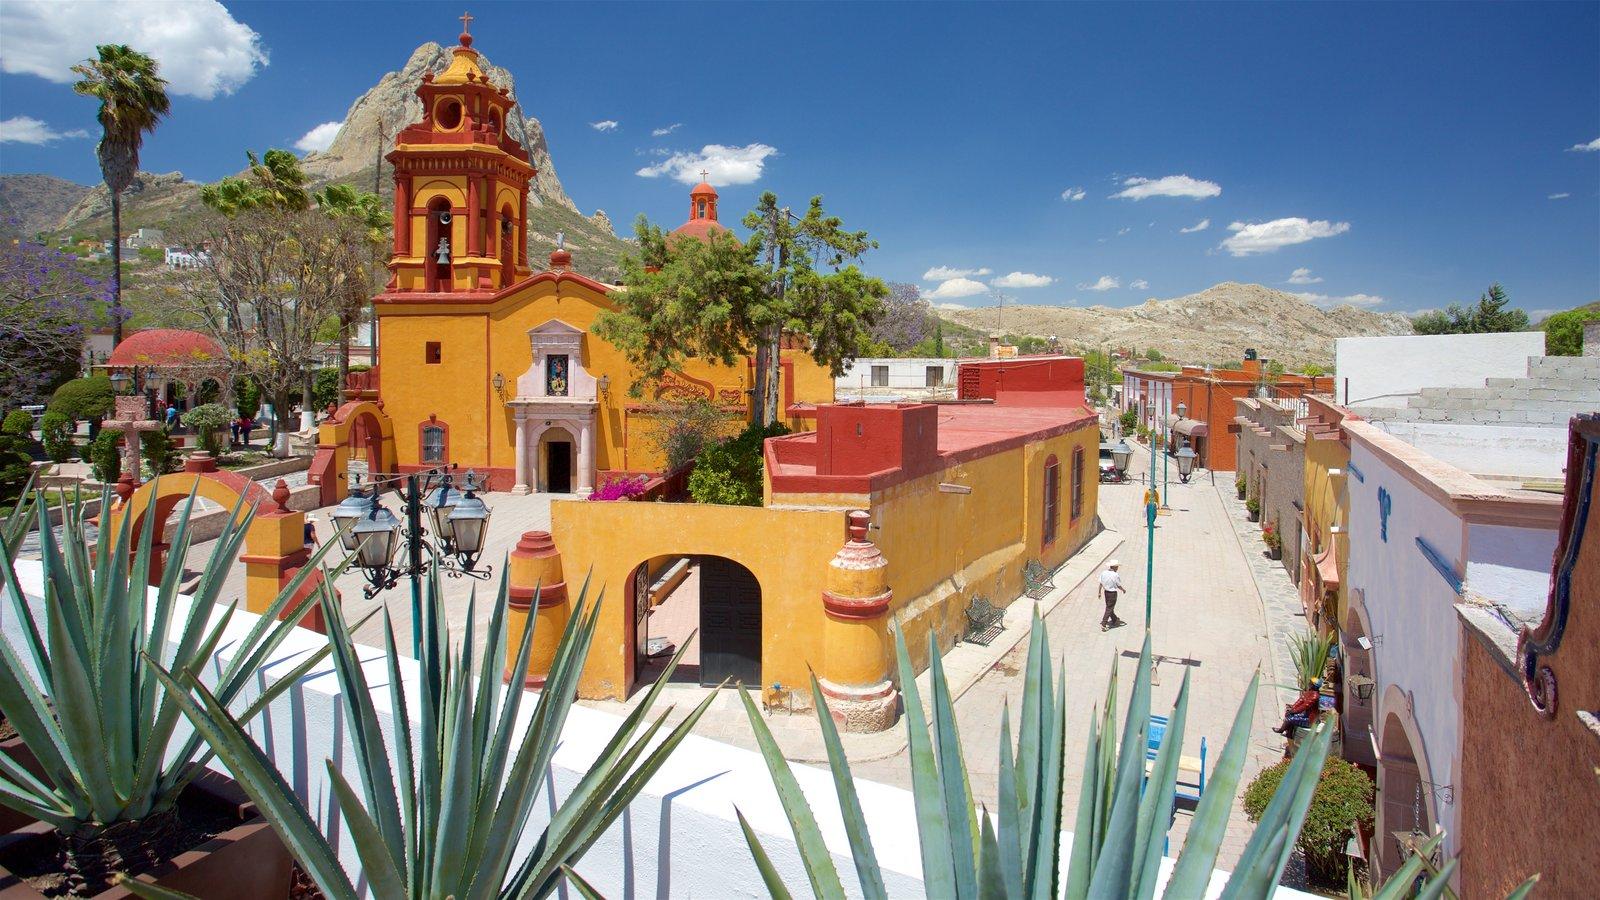 Bernal caracterizando uma igreja ou catedral, uma praça ou plaza e arquitetura de patrimônio